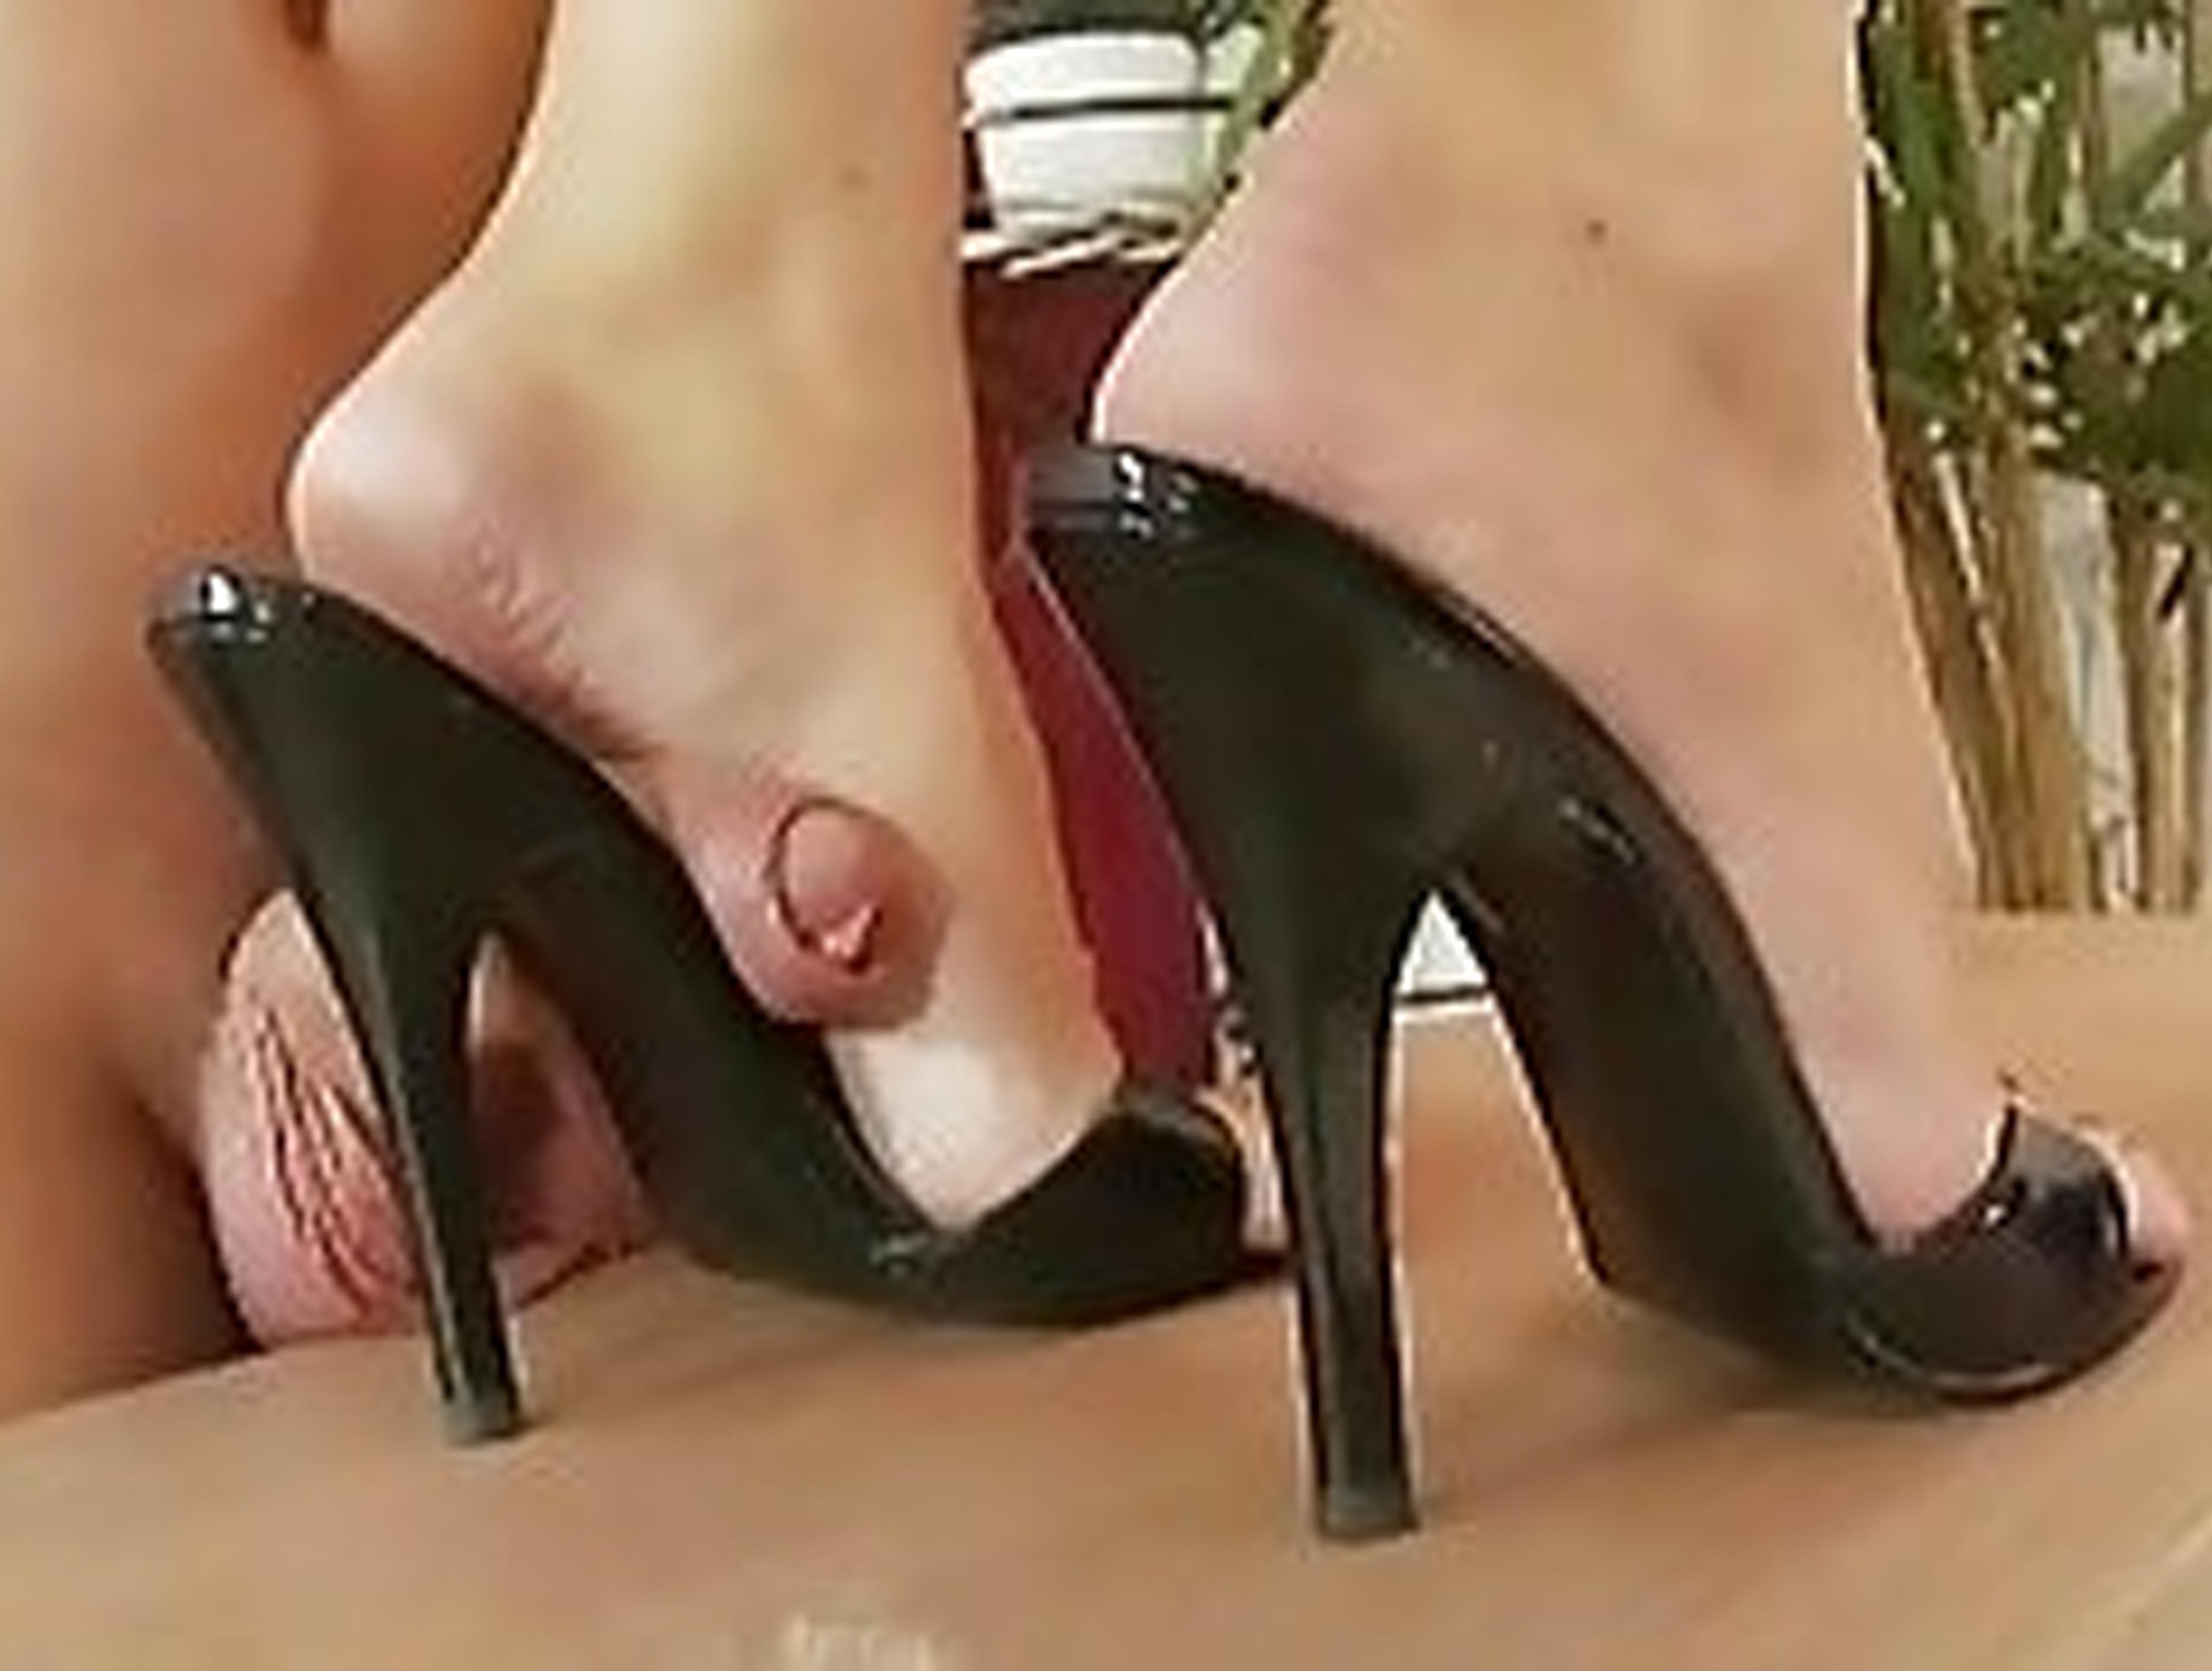 huy-cherez-porno-video-tufli-bdsm-russkoe